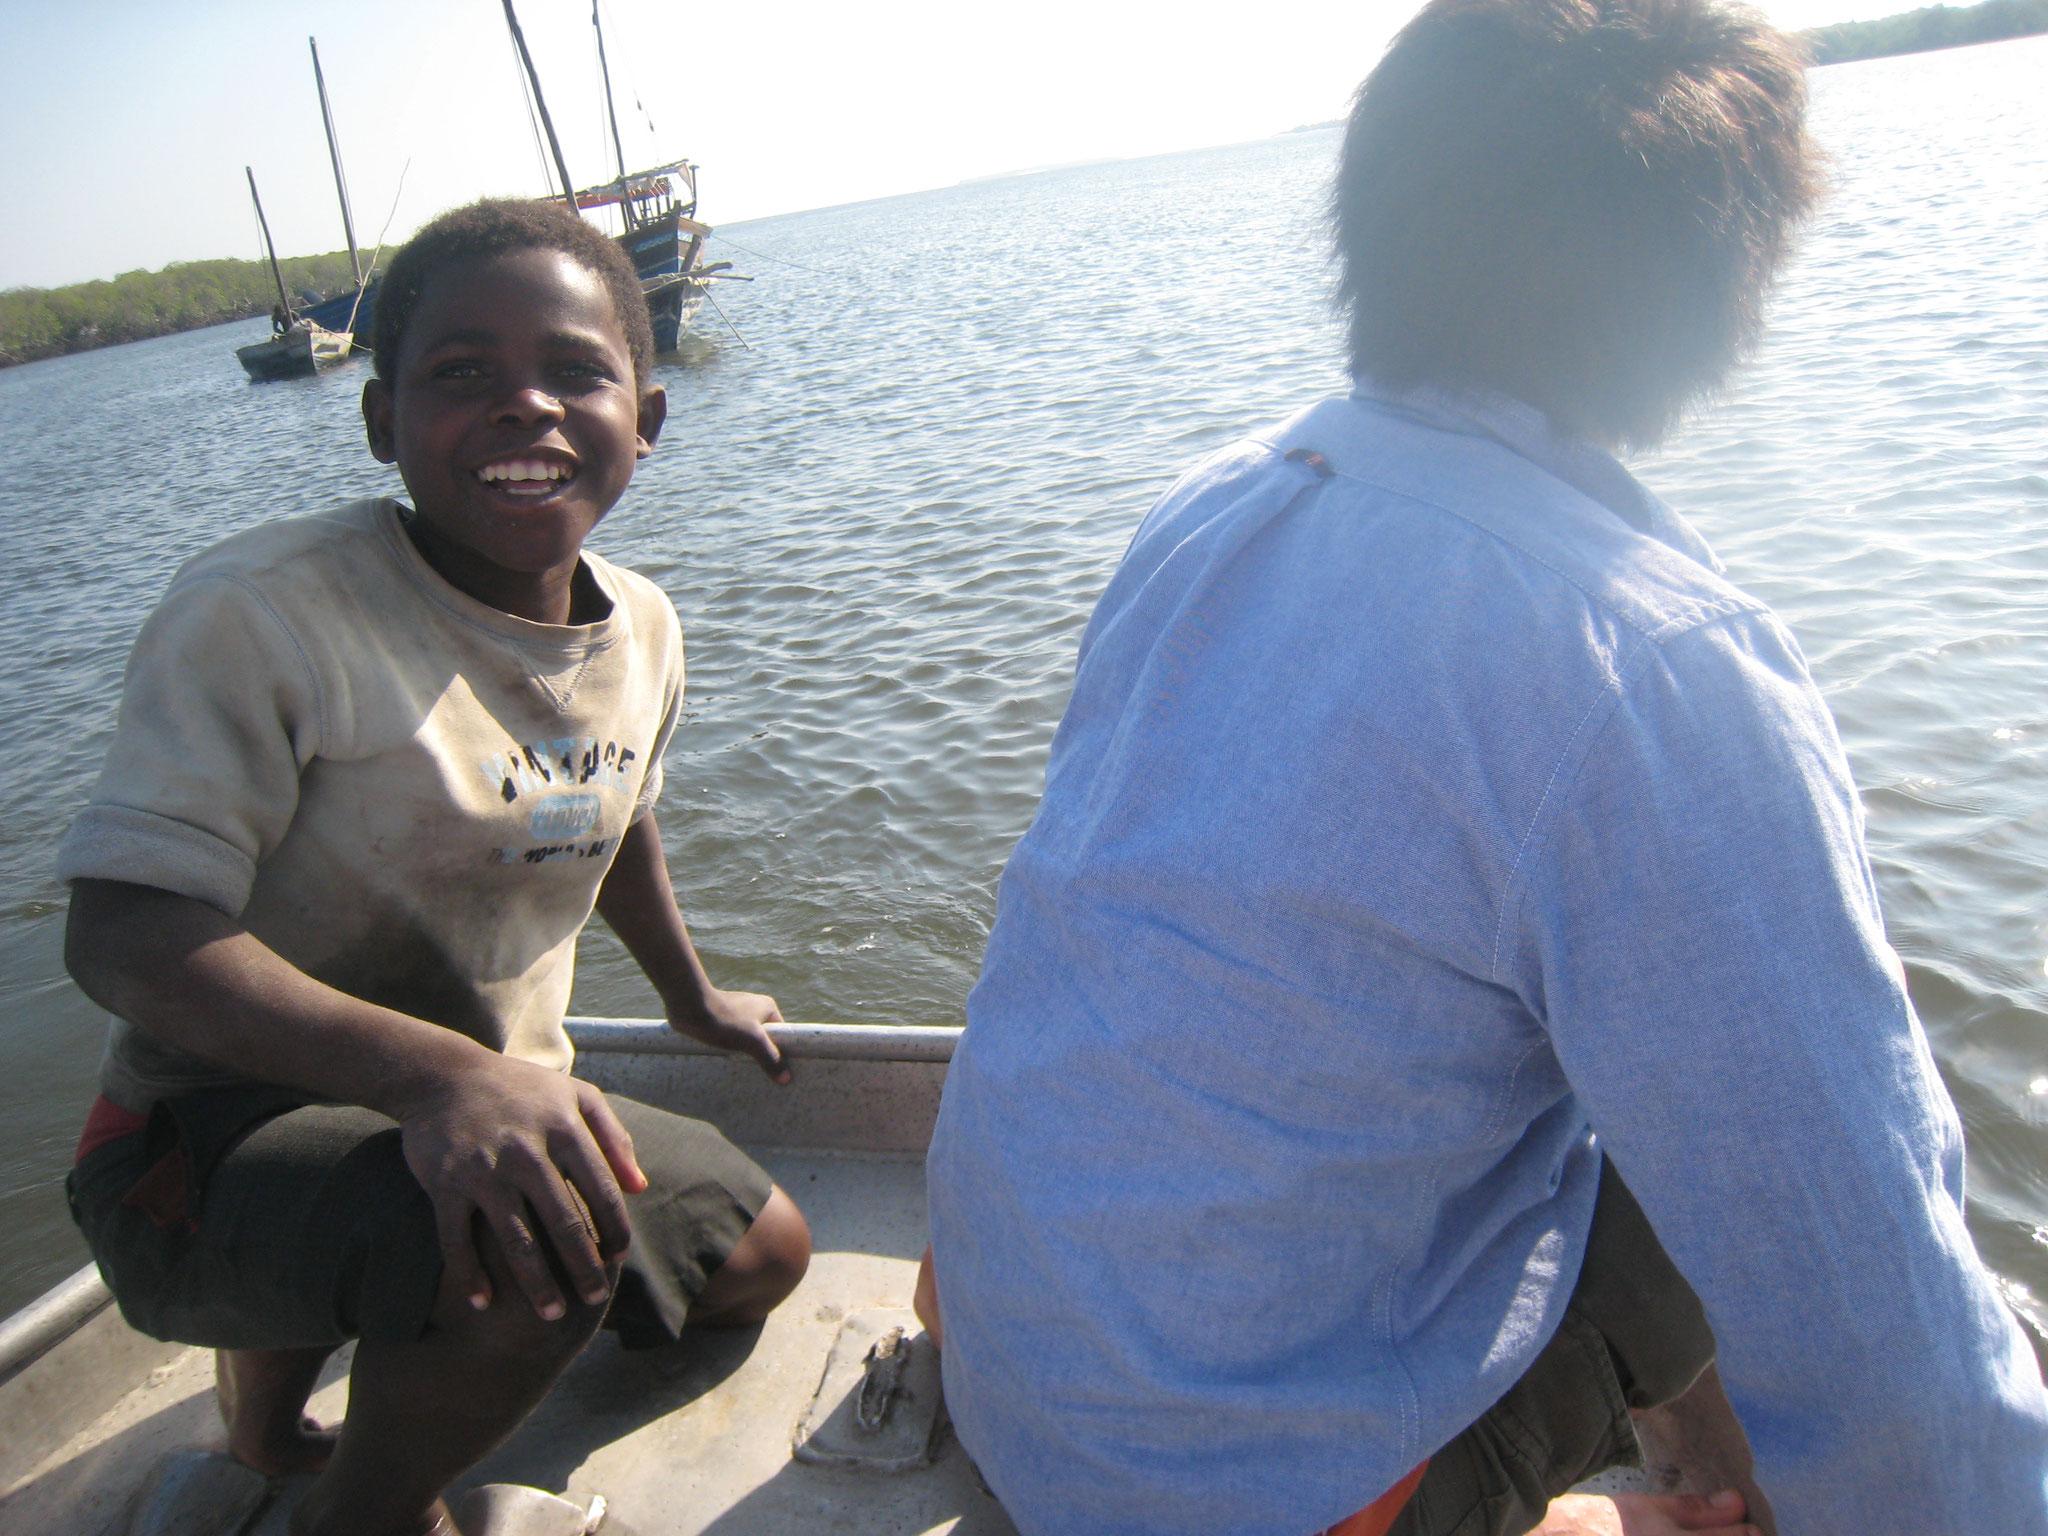 モザンビーク|係留中の船へボートで移動